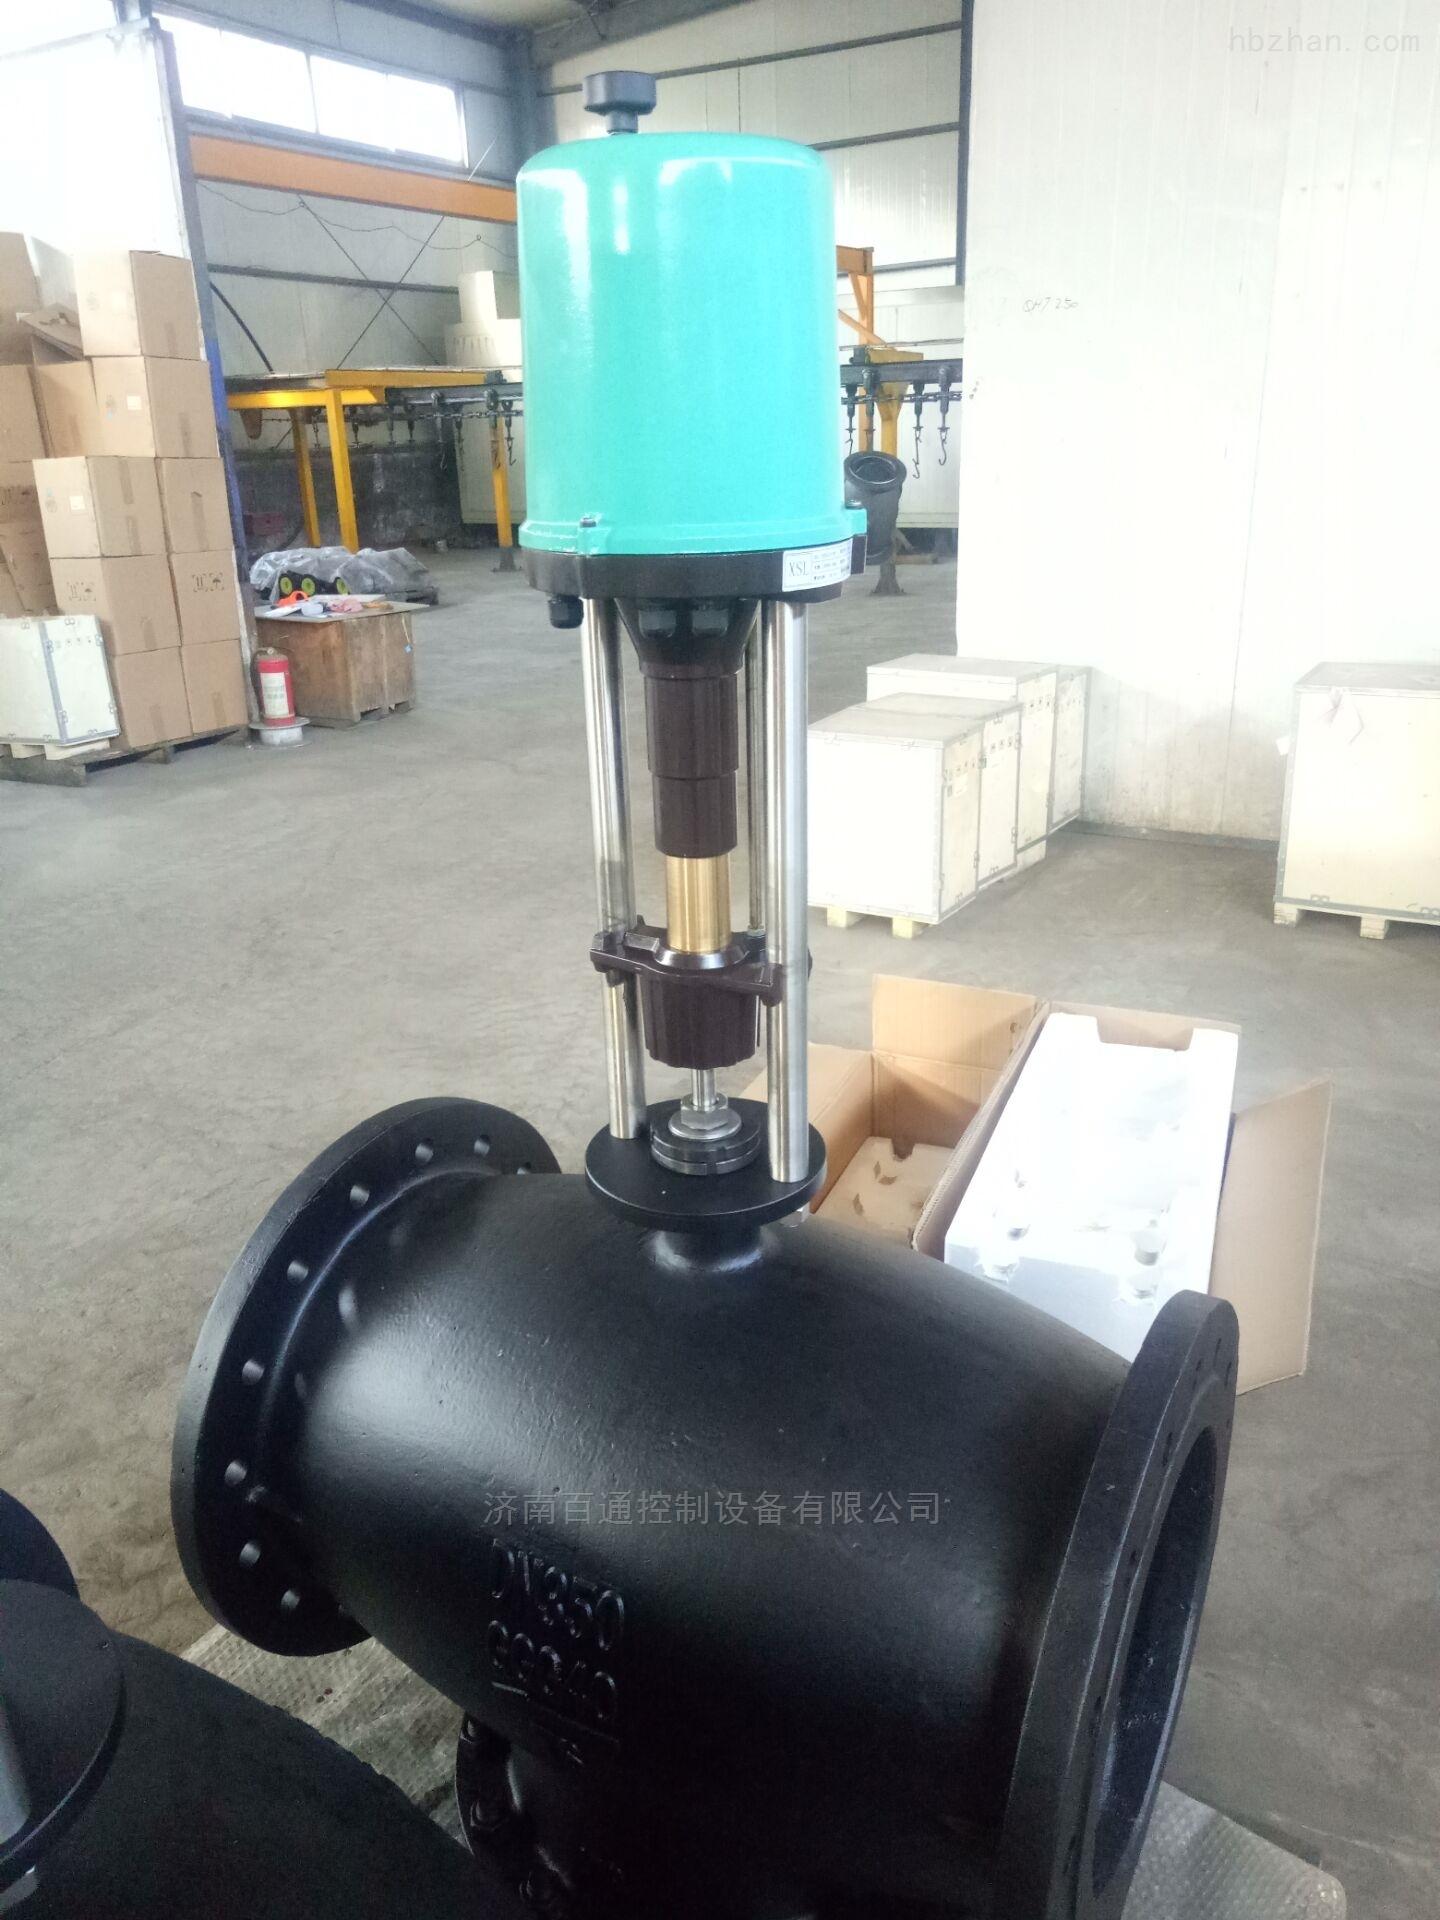 VVQT45.350  电动调节阀  电动蒸汽阀